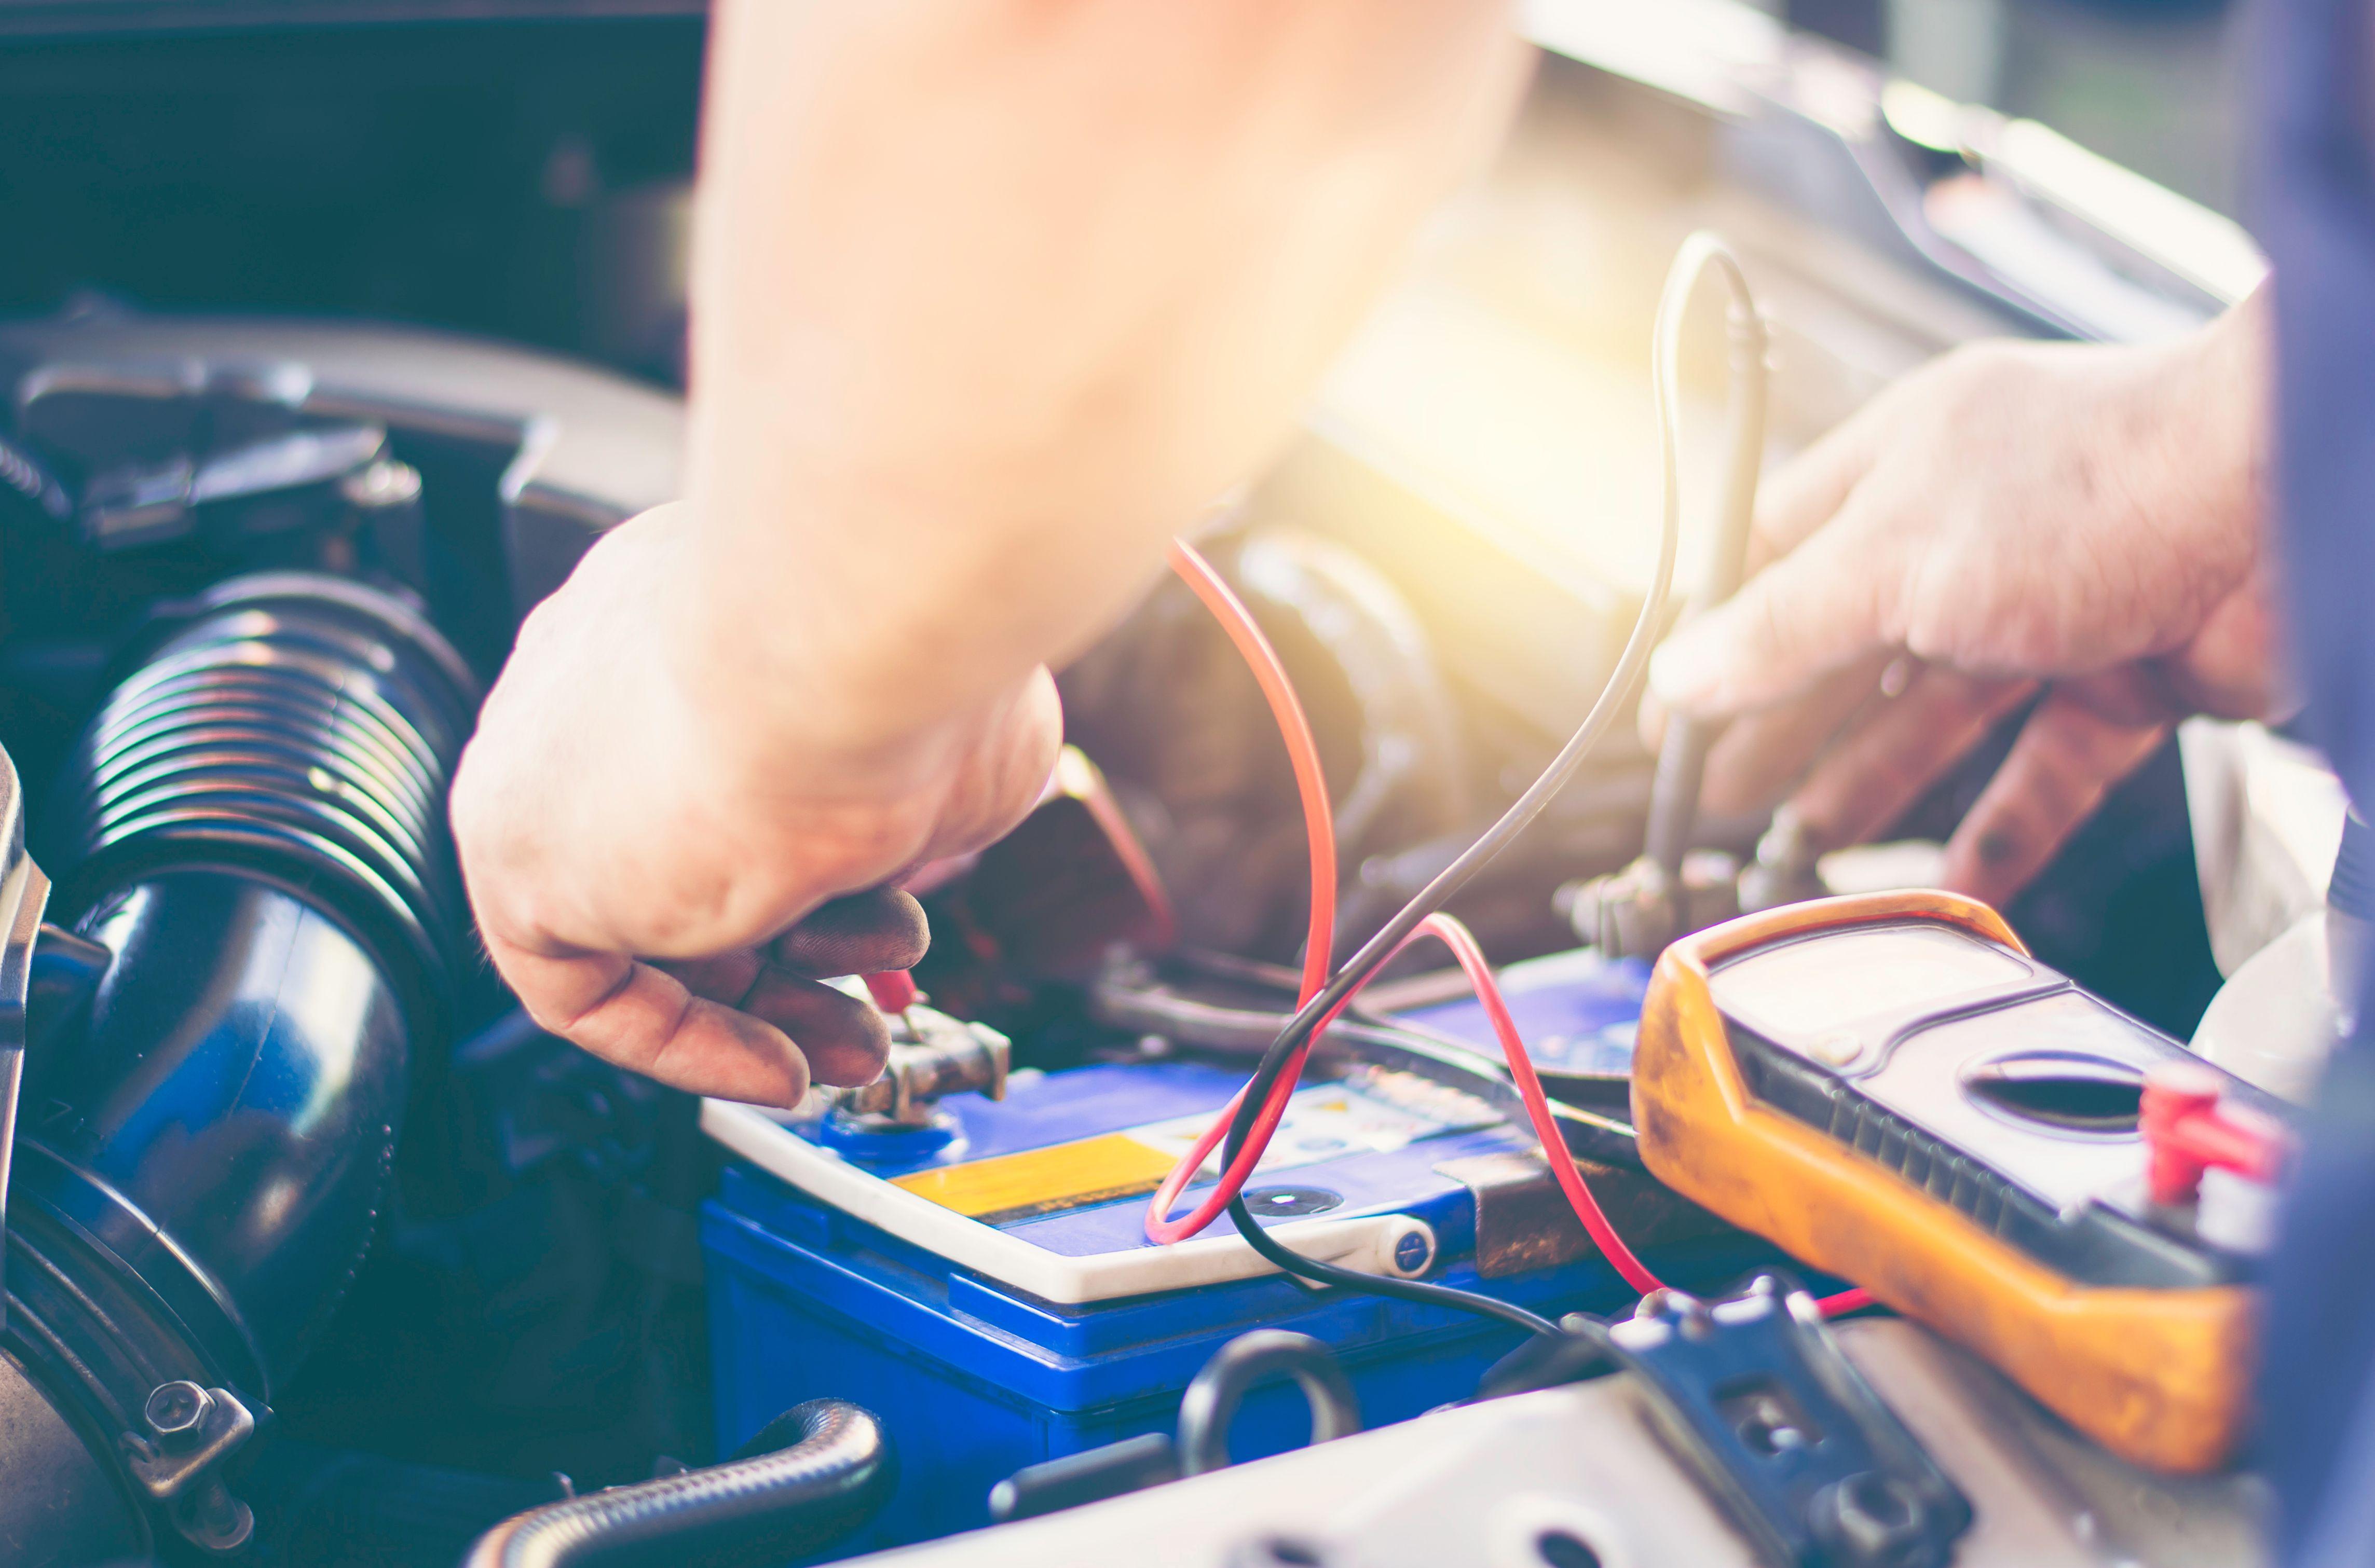 Elektrik - Reparatur